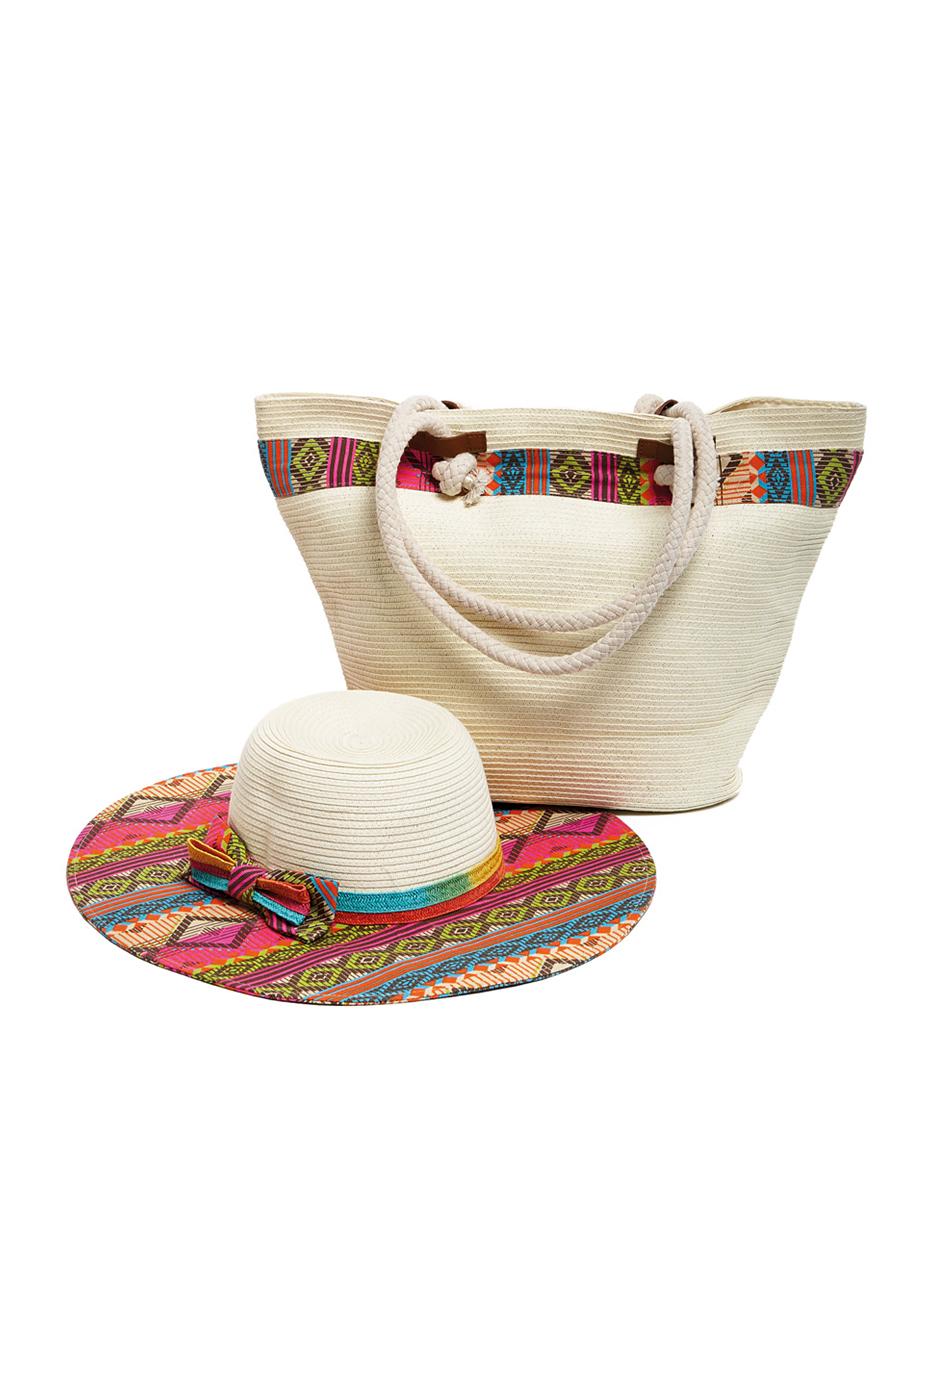 Комплект Moltini: сумка, шляпа, цвет: молочный, мультиколор. 15X00823008Оригинальный пляжный комплект Moltini, состоящий из сумки и шляпы, выполнен из плотного текстиля. Комплект выполнен в едином стиле и оформлен контрастными оттенками.Сумка состоит из одного вместительного отделения и закрывается на магнитную кнопку. Внутри размещены два накладных кармана для телефона и мелочей и один вшитый карман на молнии. Оригинальная форма ручек и натуральные материалы делают эту сумку особенно удобной для ношения на плече.Шляпа надежно защитит волосы и лицо от ярких солнечных лучей. Шляпавыполнена в едином стиле с сумкой и достойно завершит комплект.Комплект Moltini идеально подойдет для похода на пляж, для загородной поездки.